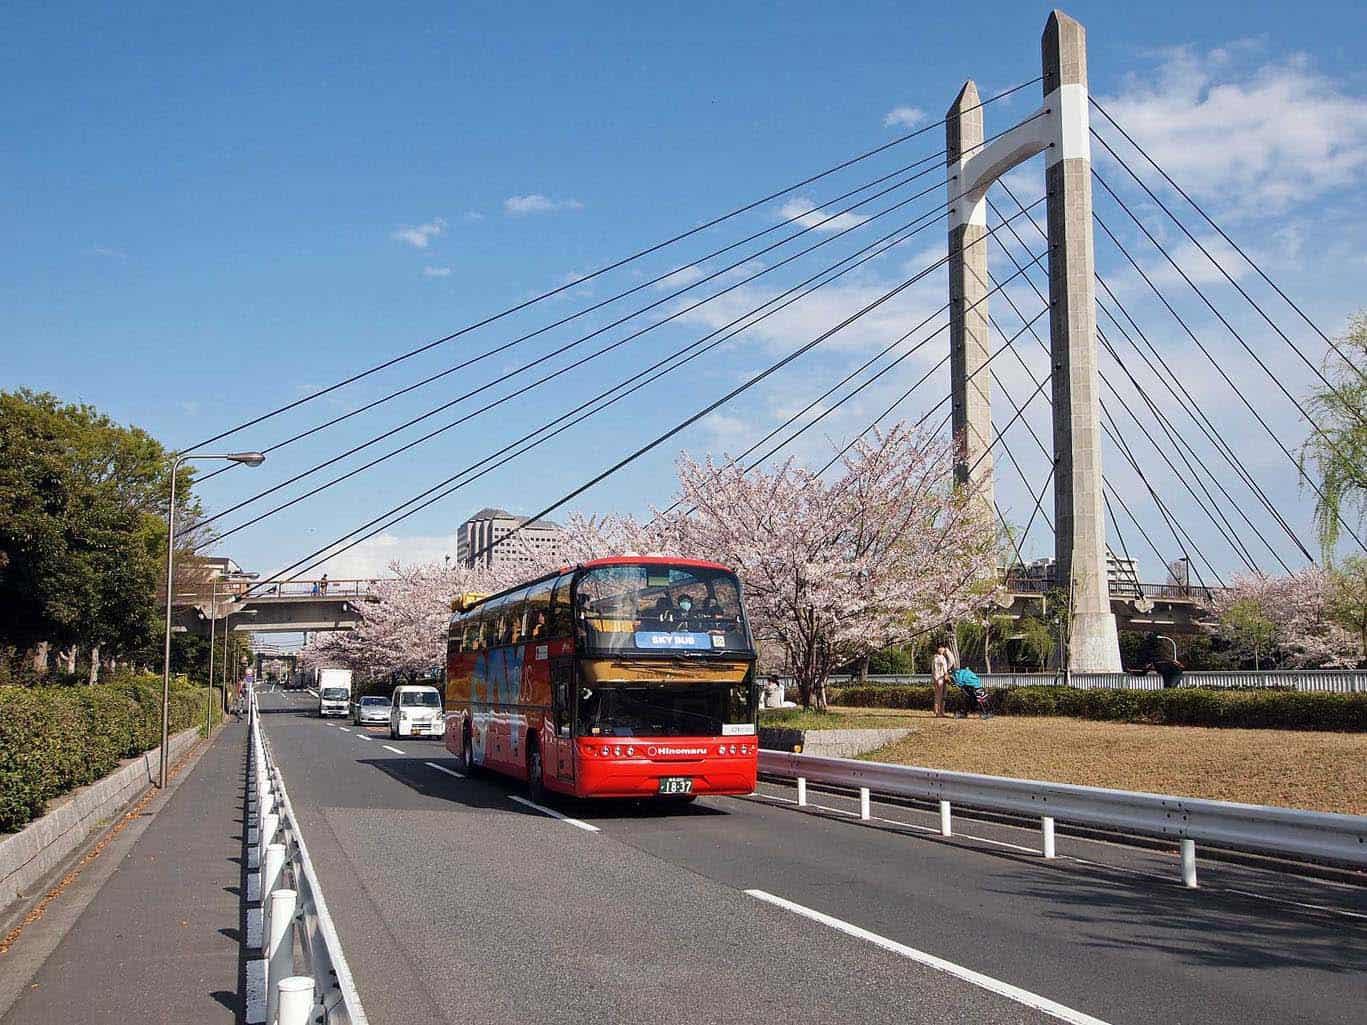 Tokyo - Hop On, Hop Off Bus